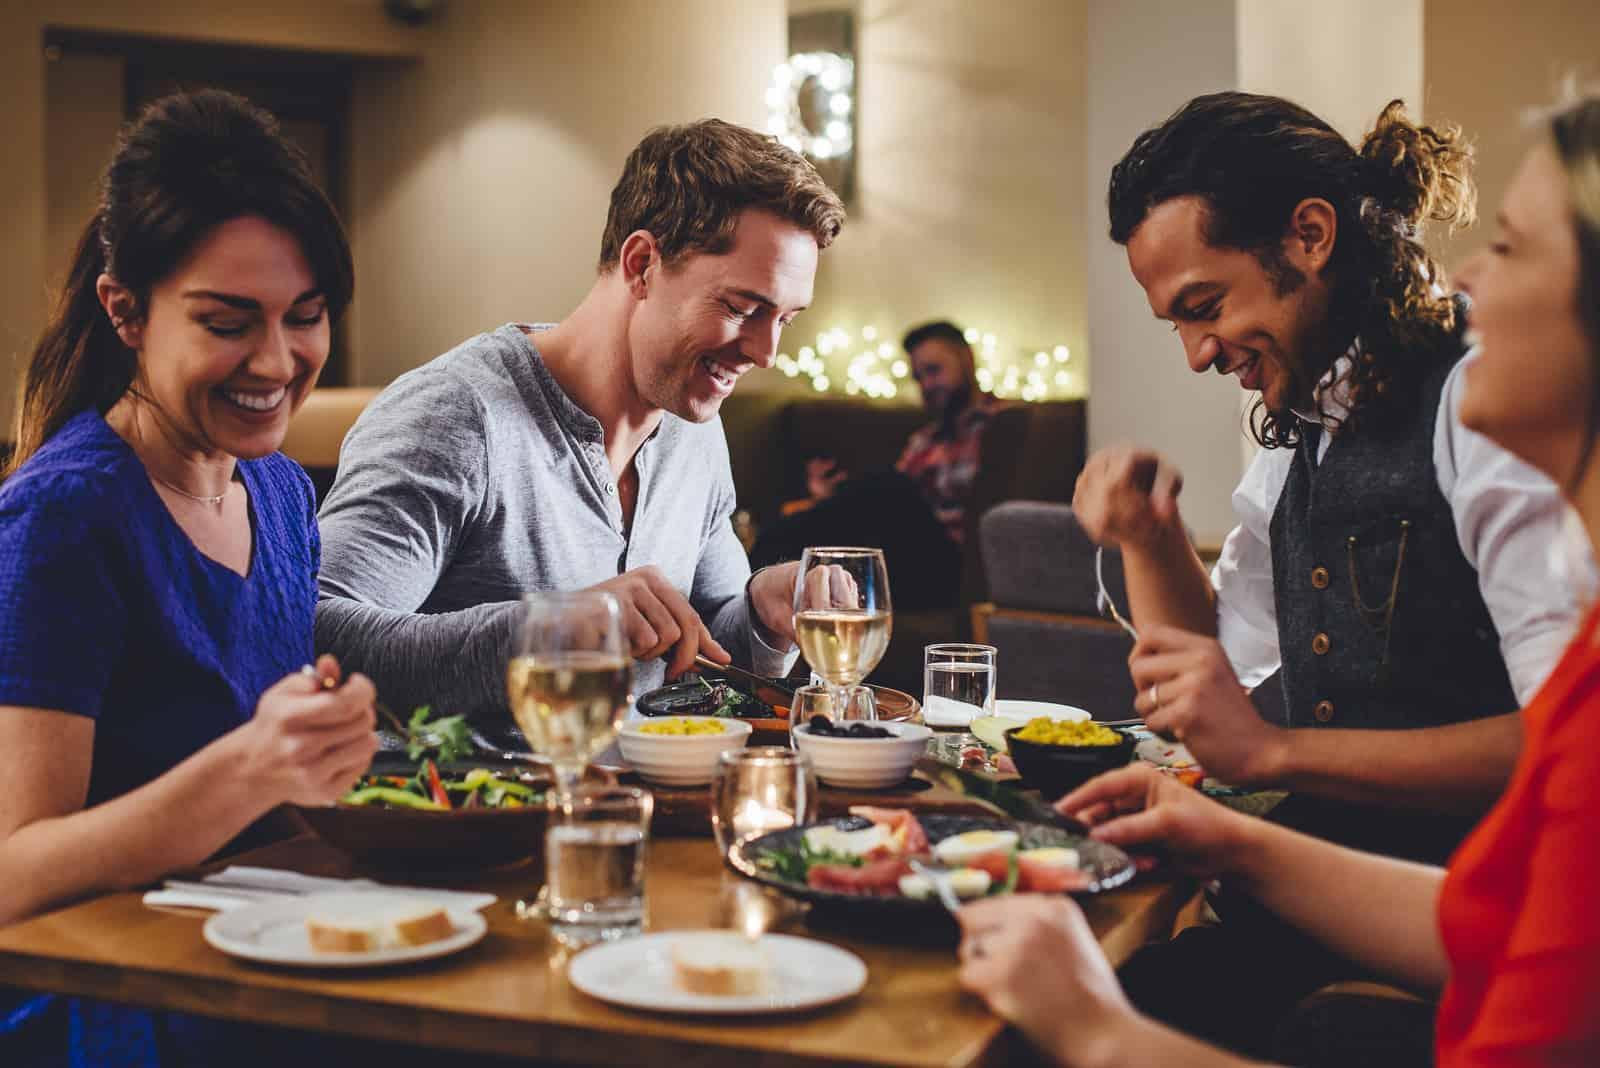 Groupe d'amis bénéficiant d'un repas du soir